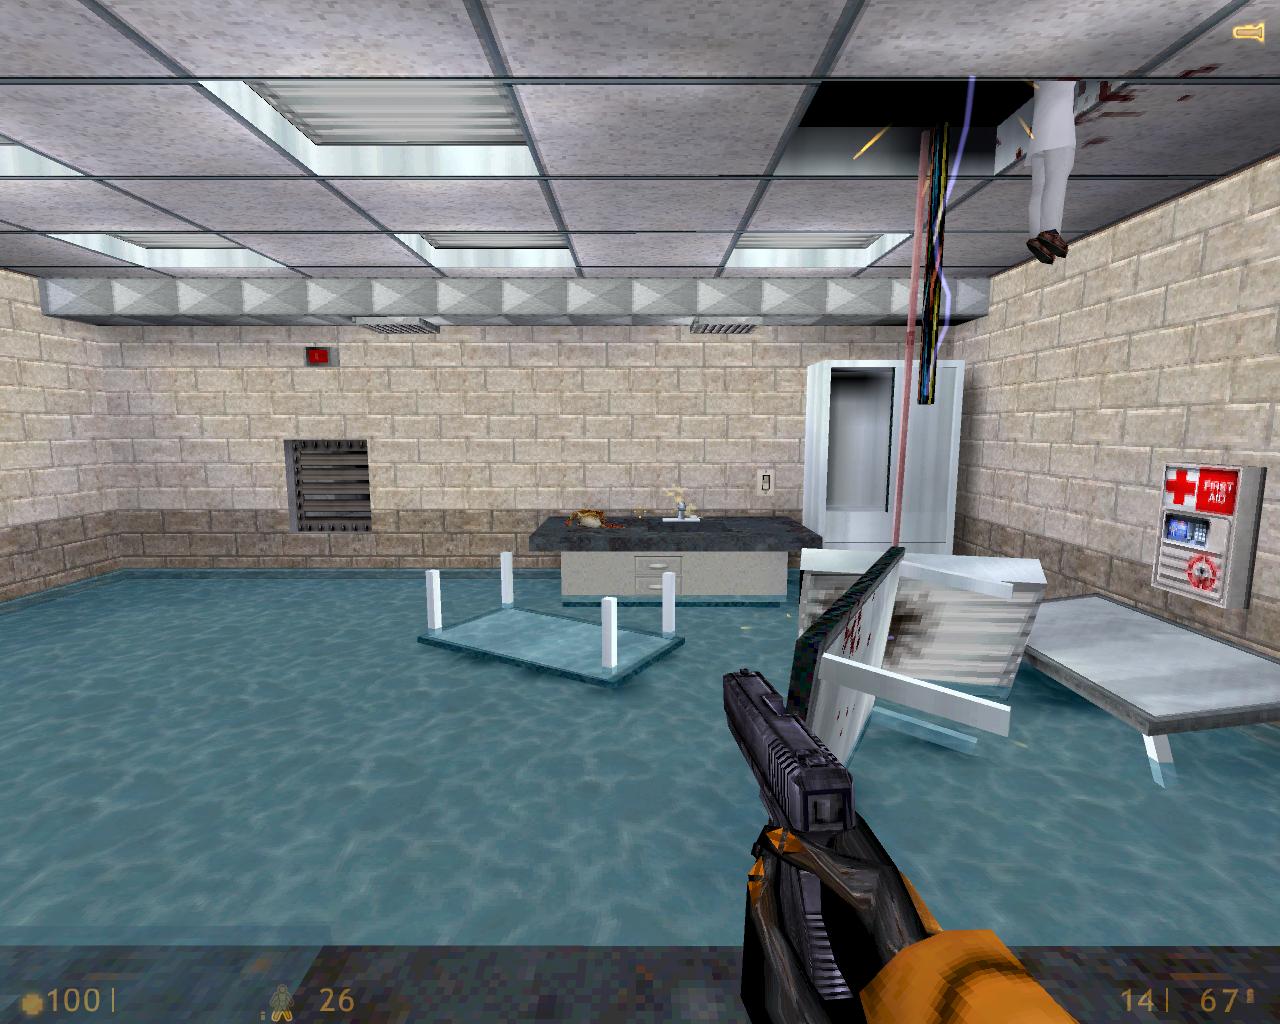 c1a20014.png - Half-Life